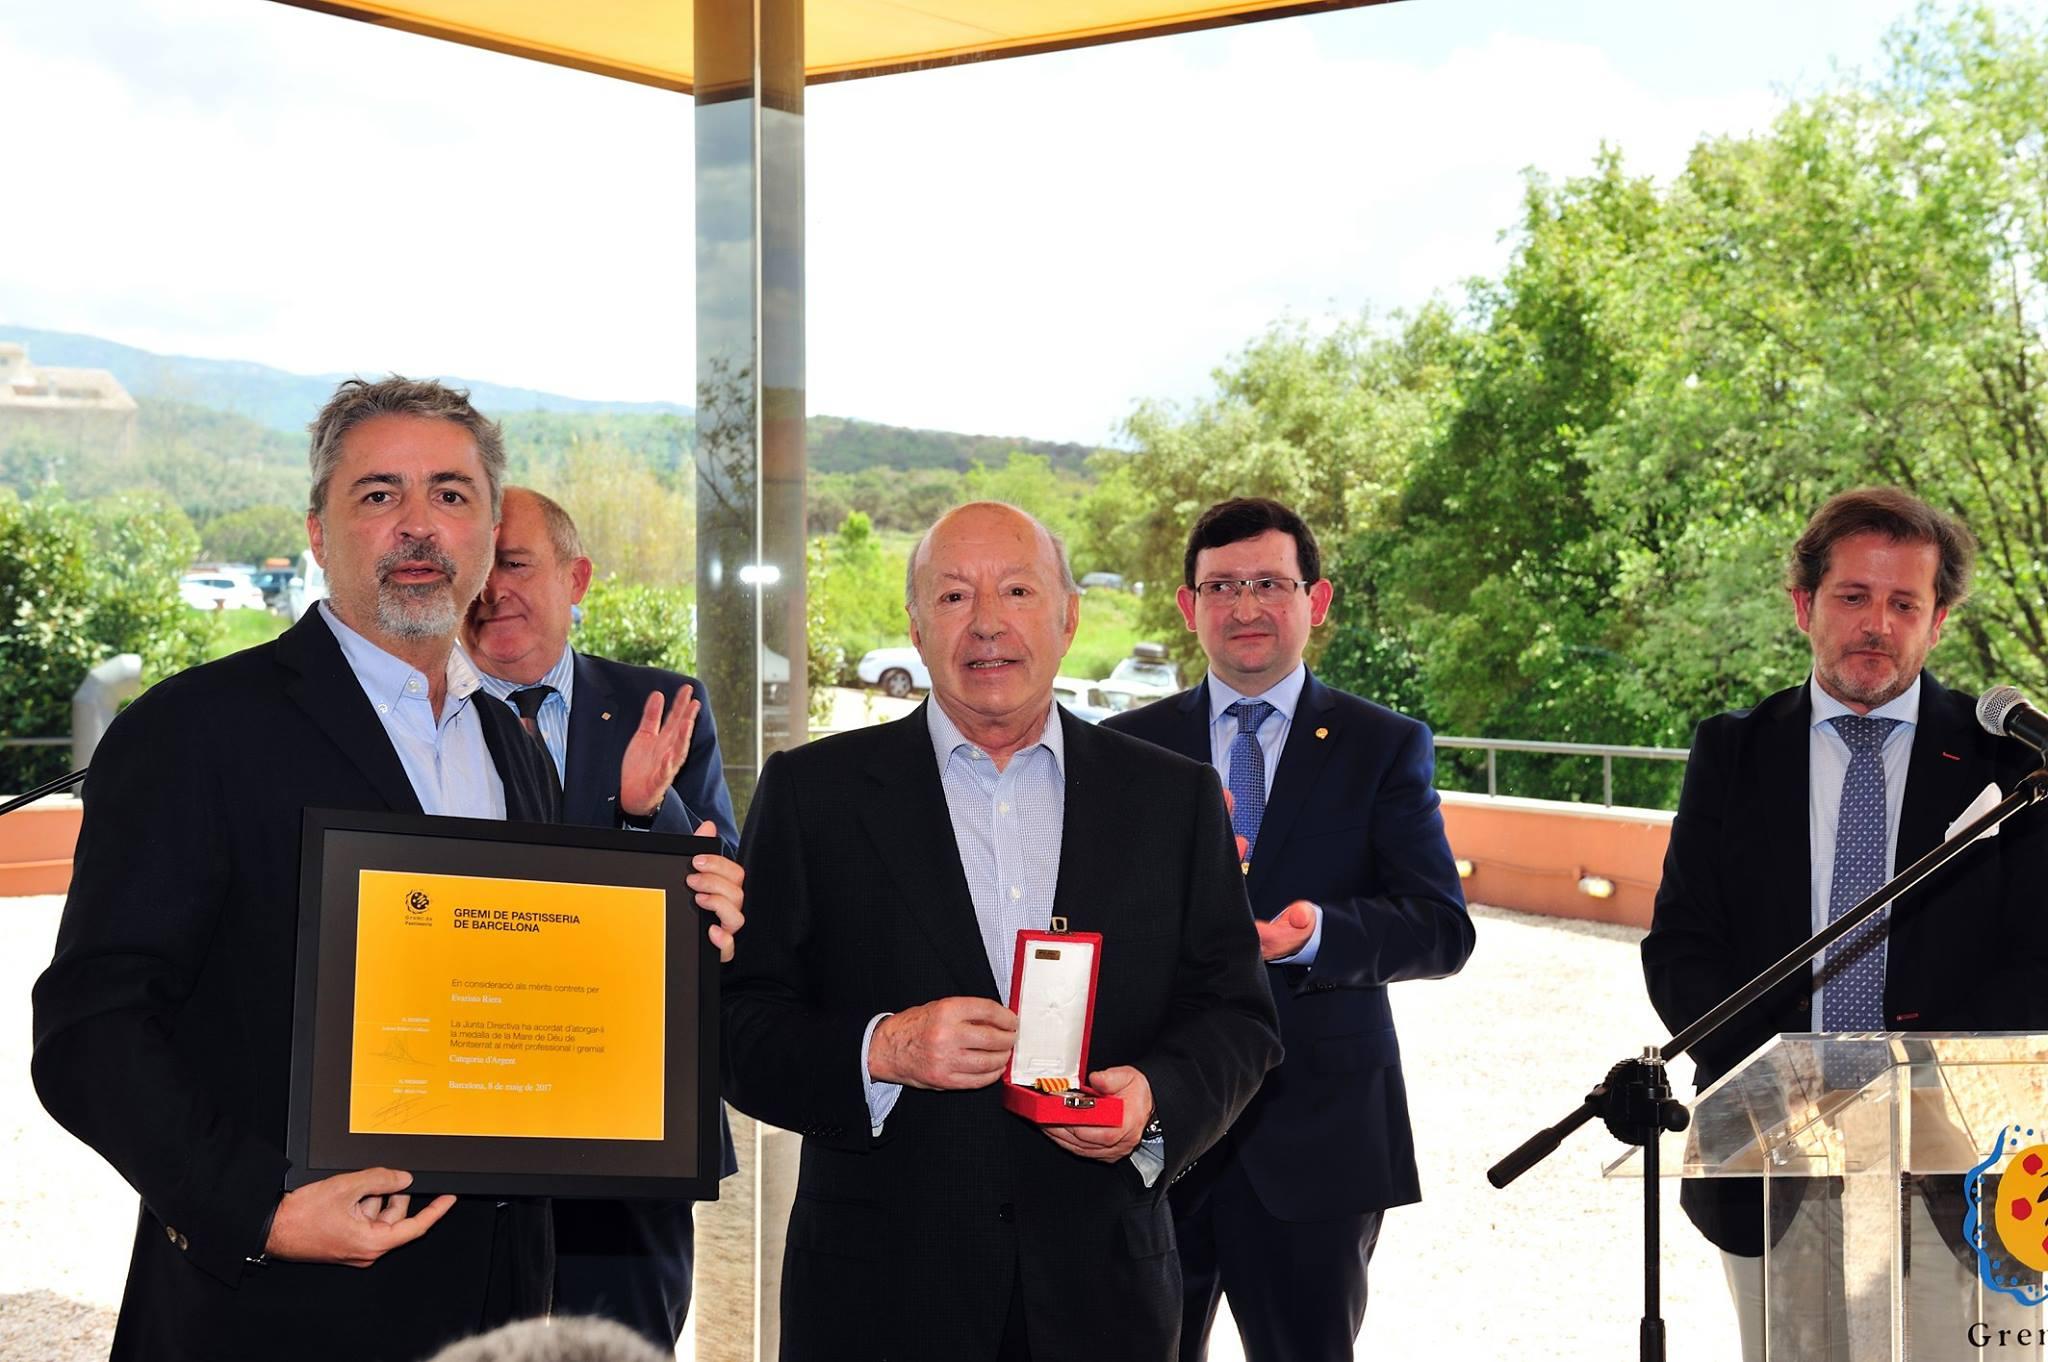 El Gremio de Pasteleros de Barcelona nos ha premiado con la Medalla Mare de Déu de Montserrat al mérito profesional